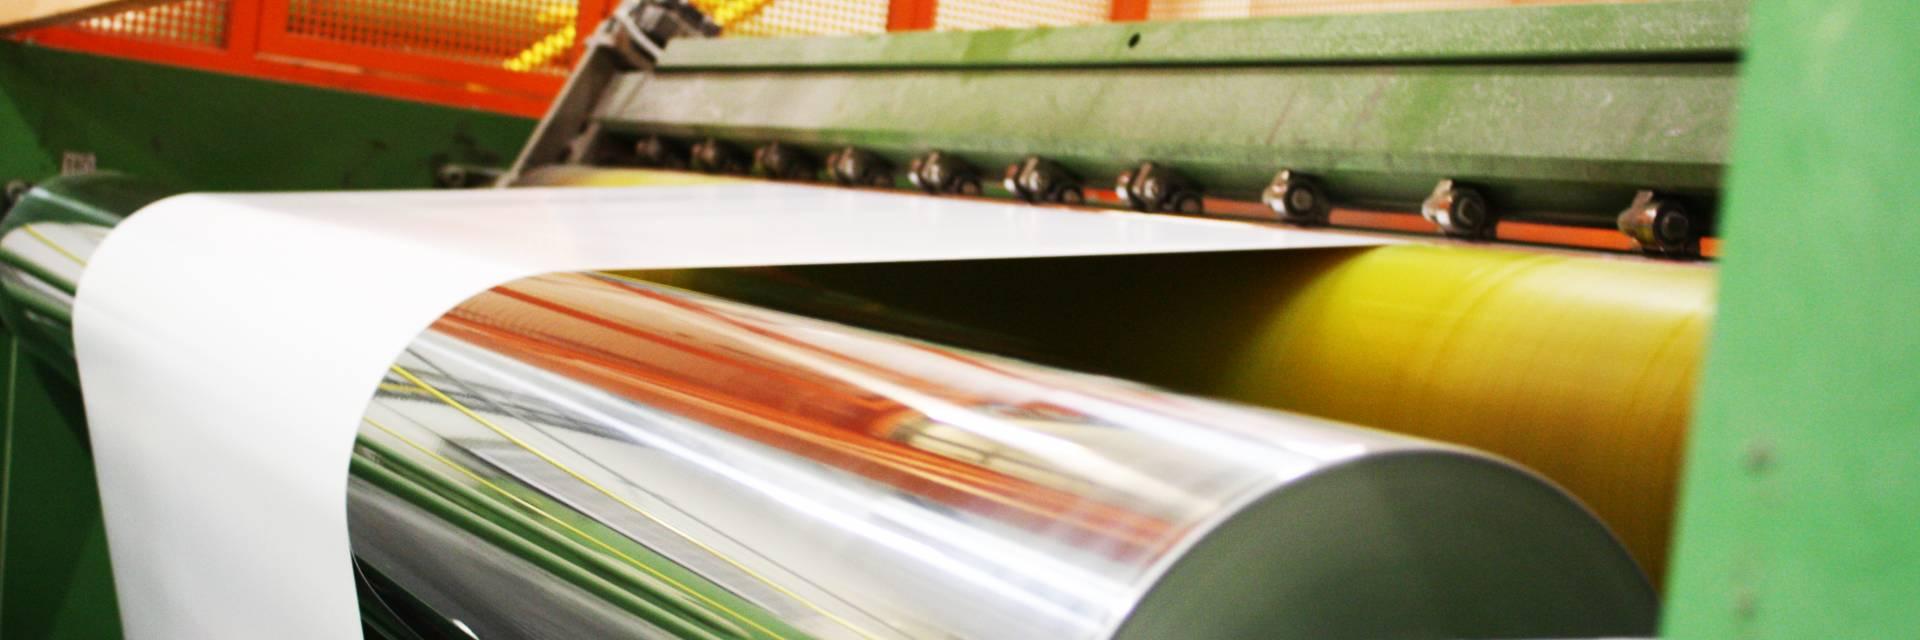 Kuva paperitehtaalta työkoneesta